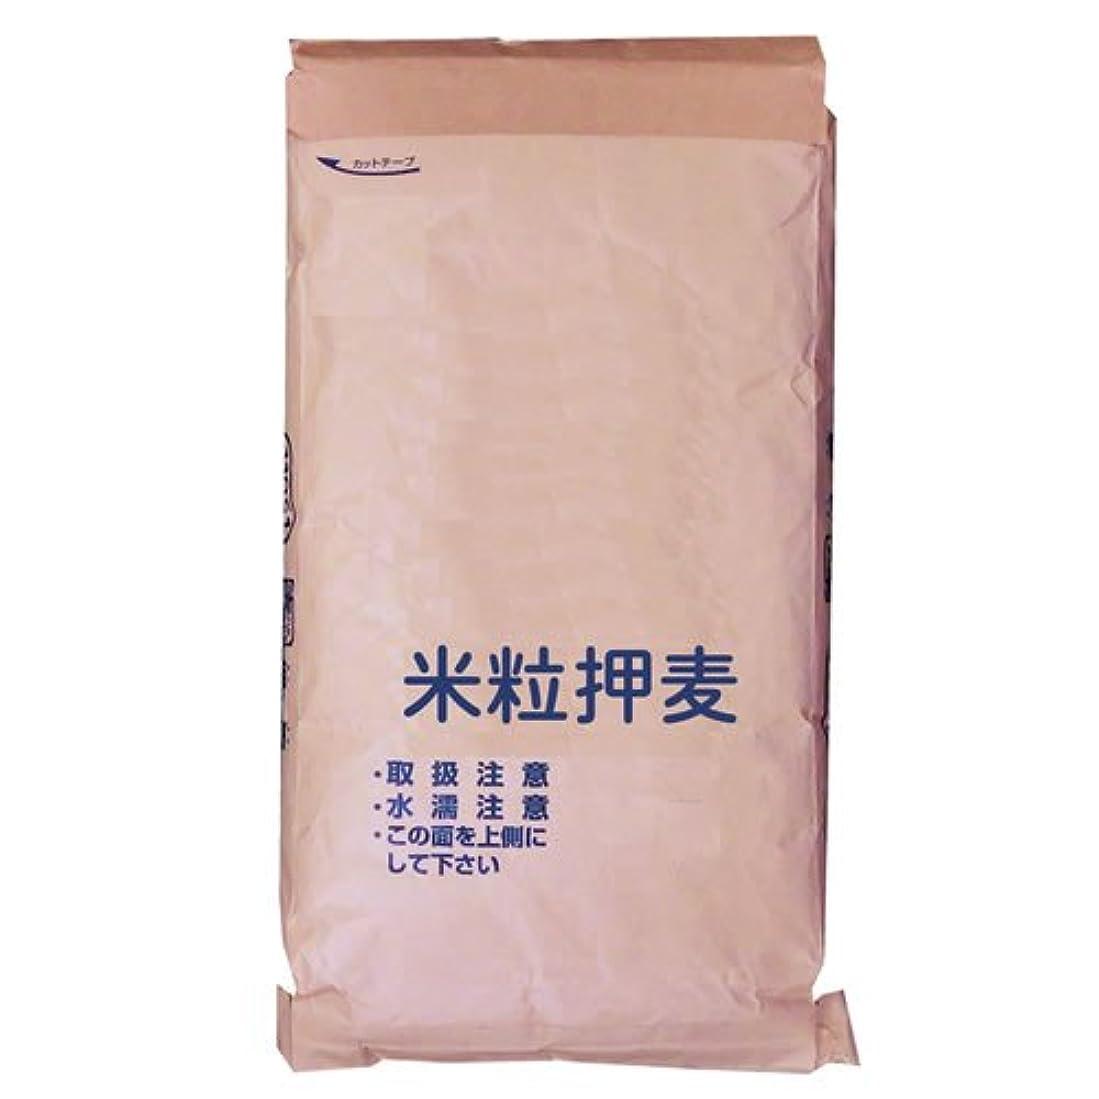 アセンブリ汚いすり国内産 五種玄氣麦 400g(スプーン付)